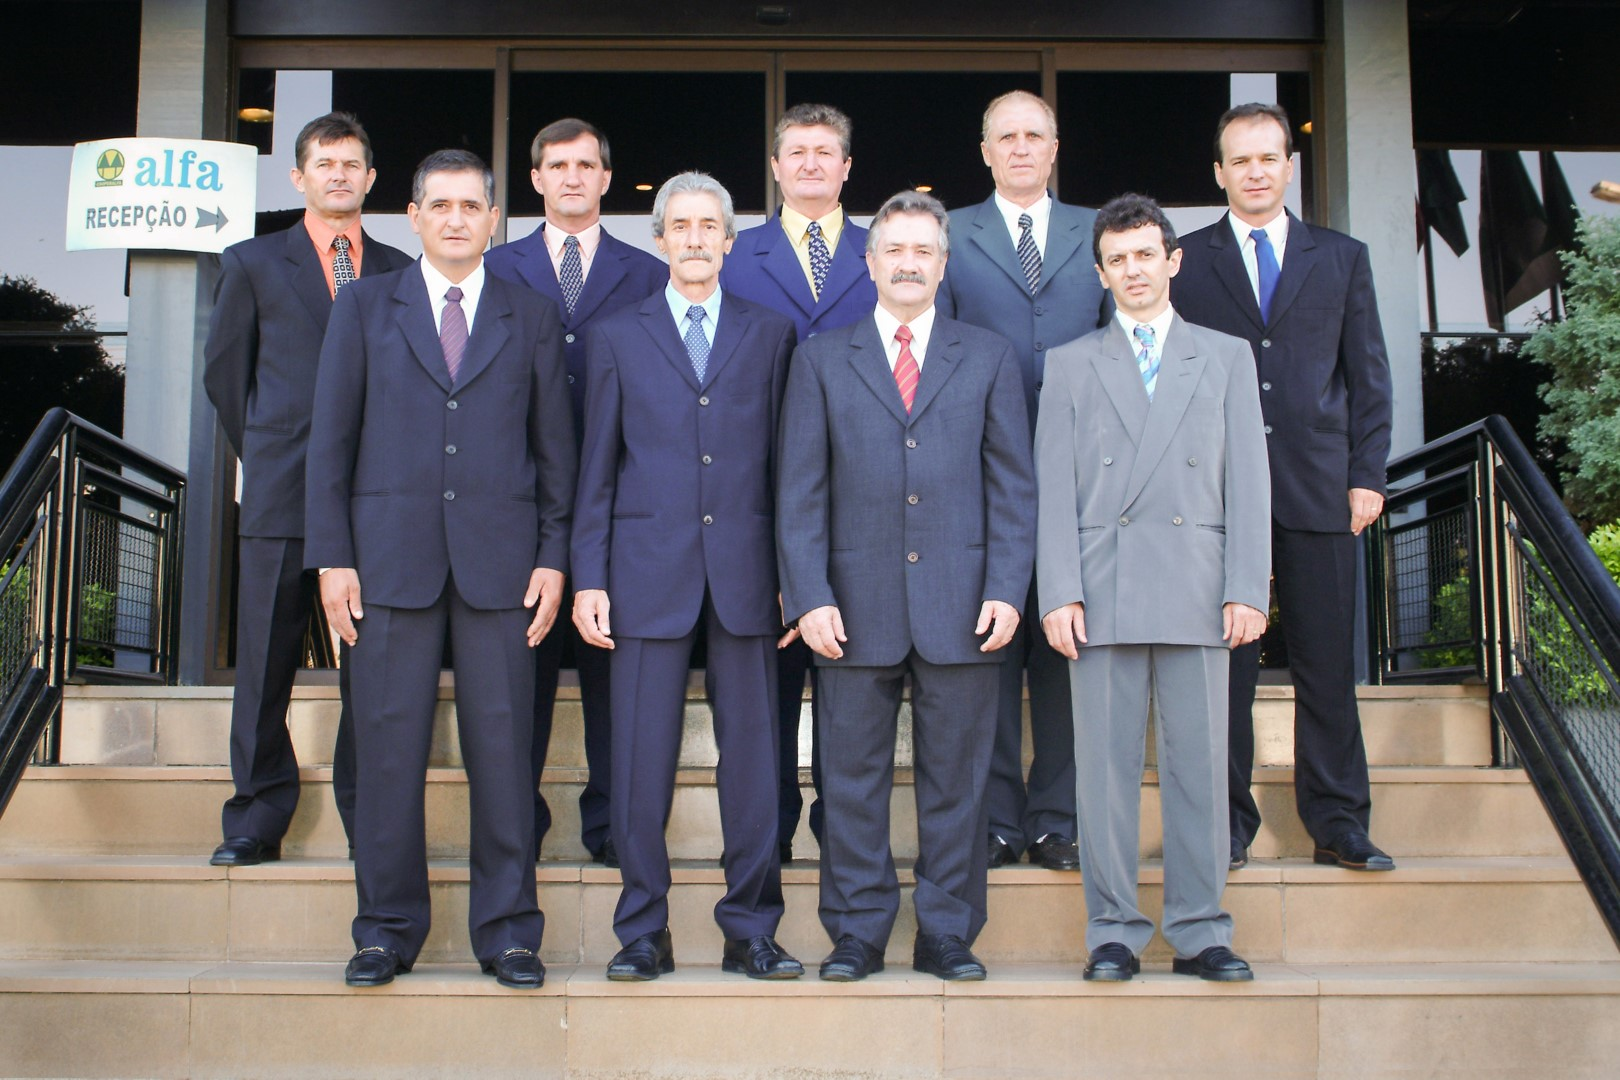 11 ° Conselho de Administração